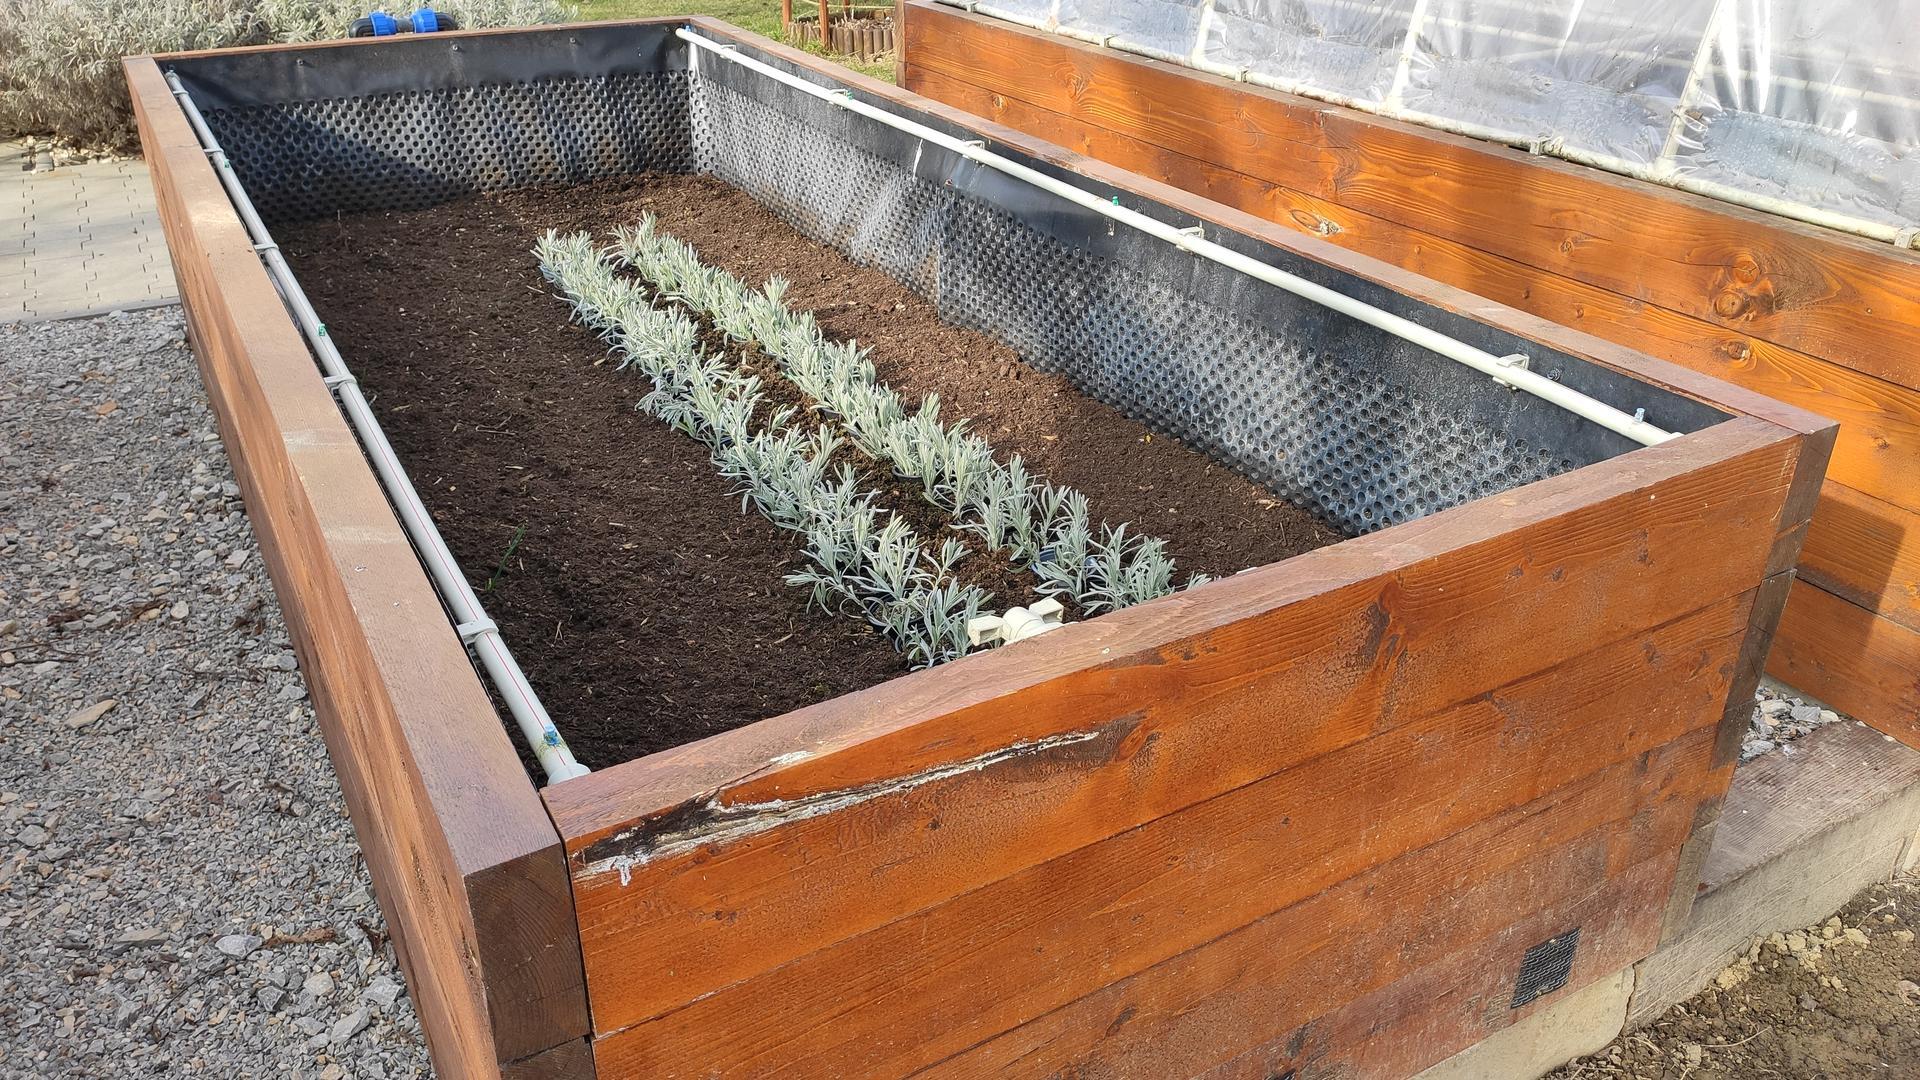 Vyvýšené záhony a úžitková záhrada - sezóna 2021 ... príprava, sadenie, starostlivosť - Obrázok č. 18